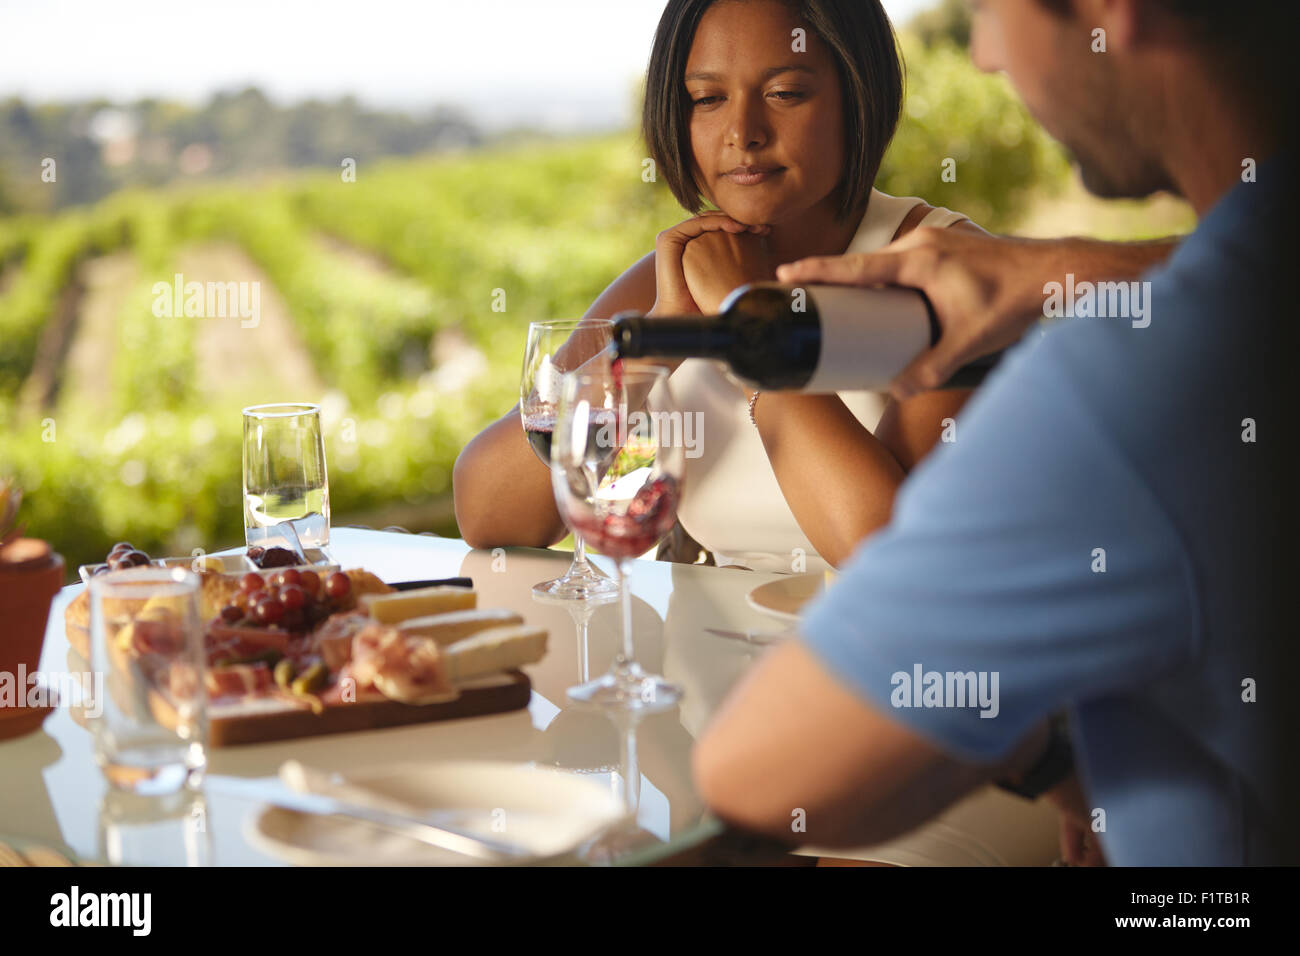 Mujer joven sentada en una mesa mientras el hombre vertiendo un poco de rojo vino en su copa. Pareja en el restaurante Imagen De Stock